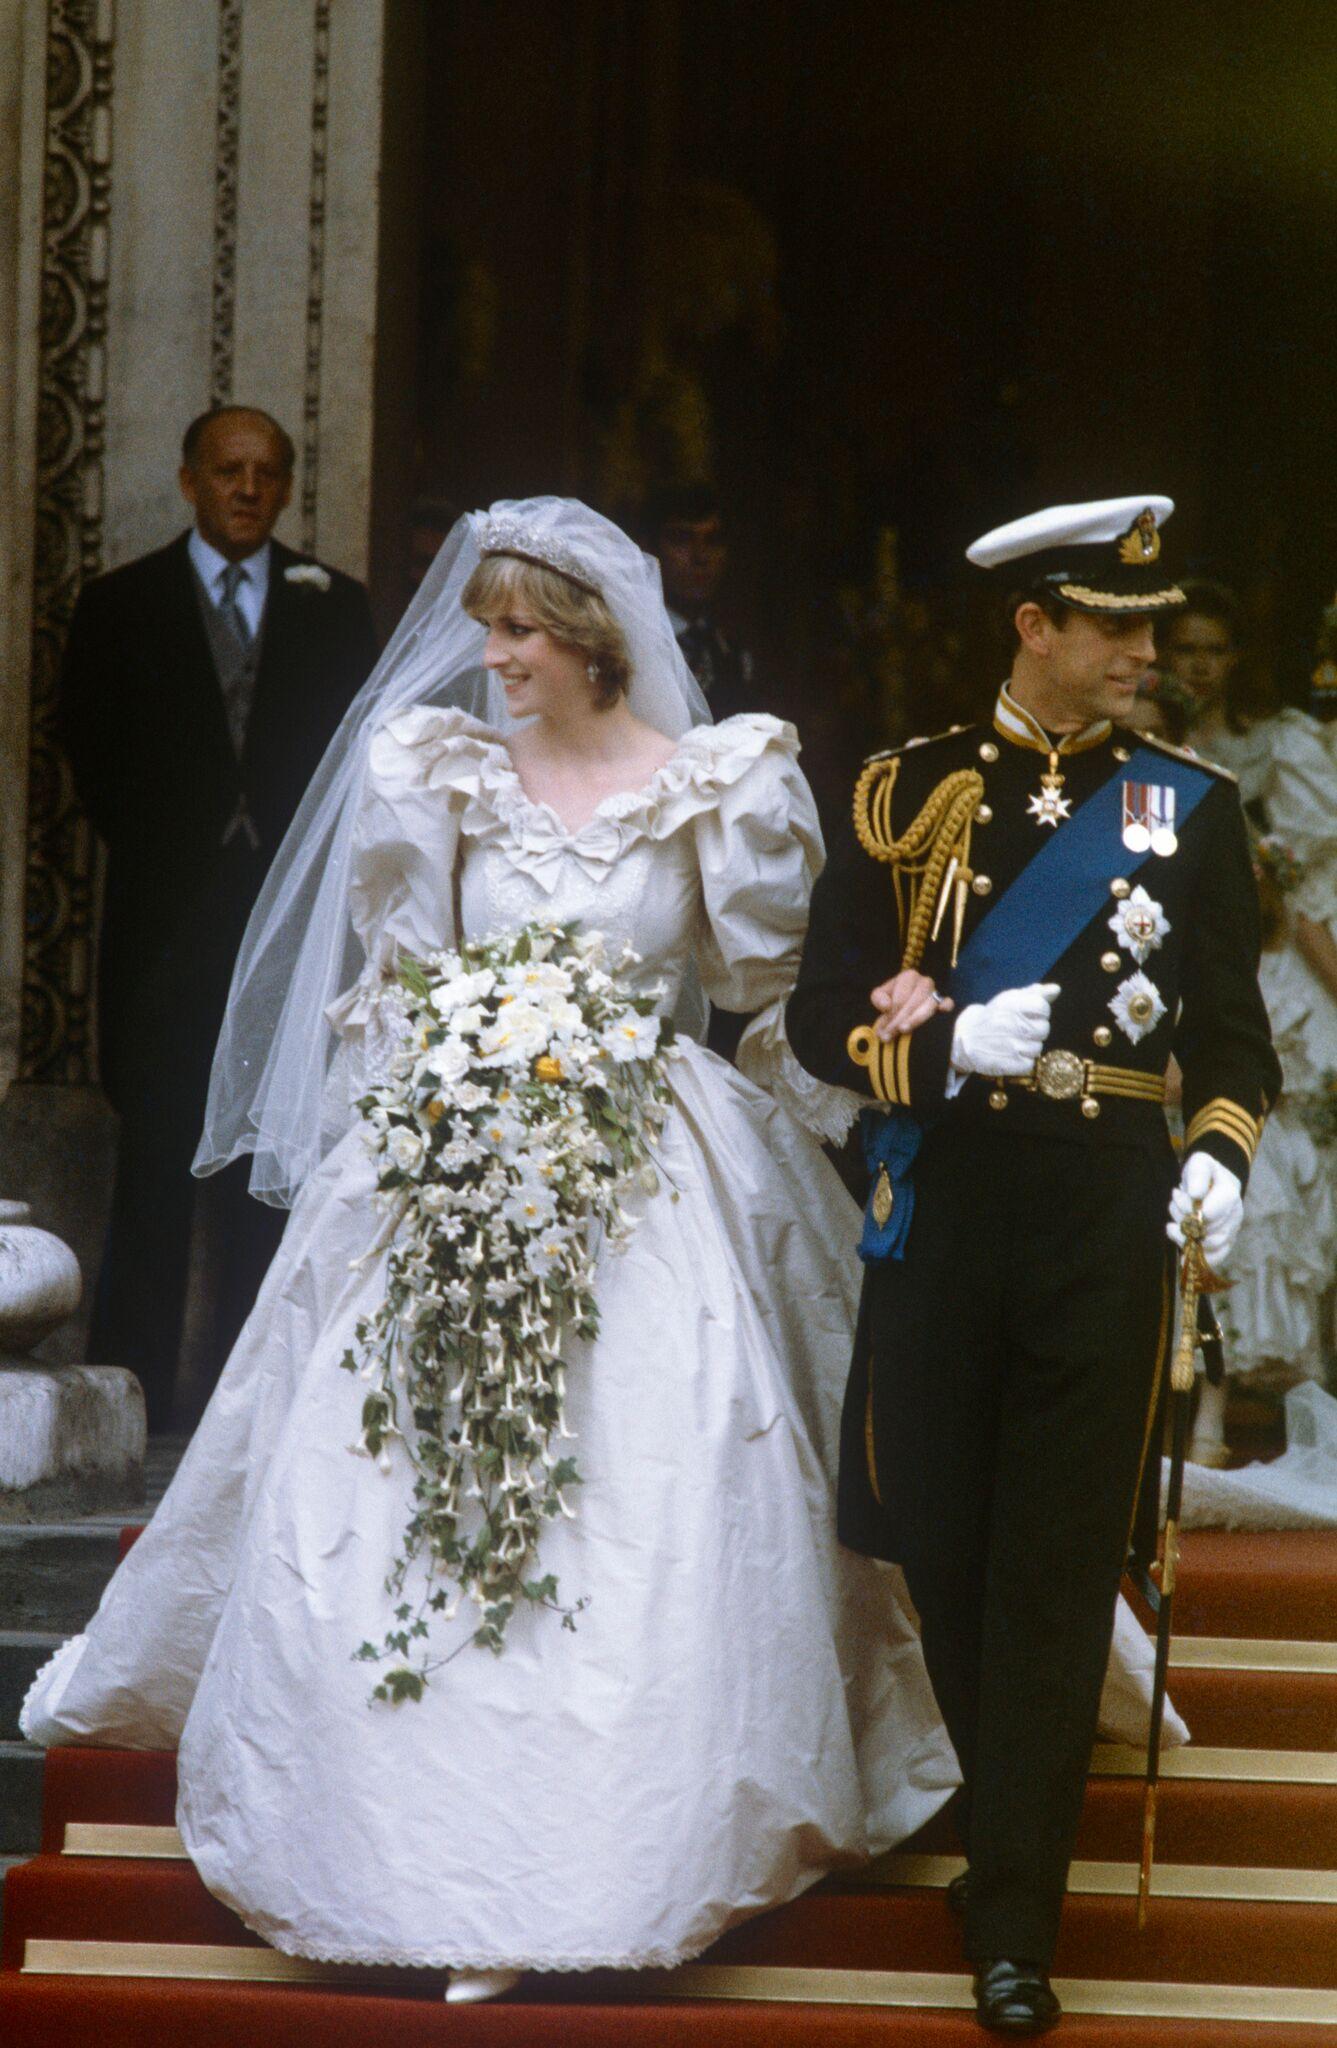 La princesse Diana et le prince Charles quittent l'église le jour de leur mariage   Photo : Getty Images/ Global Images Ukraine